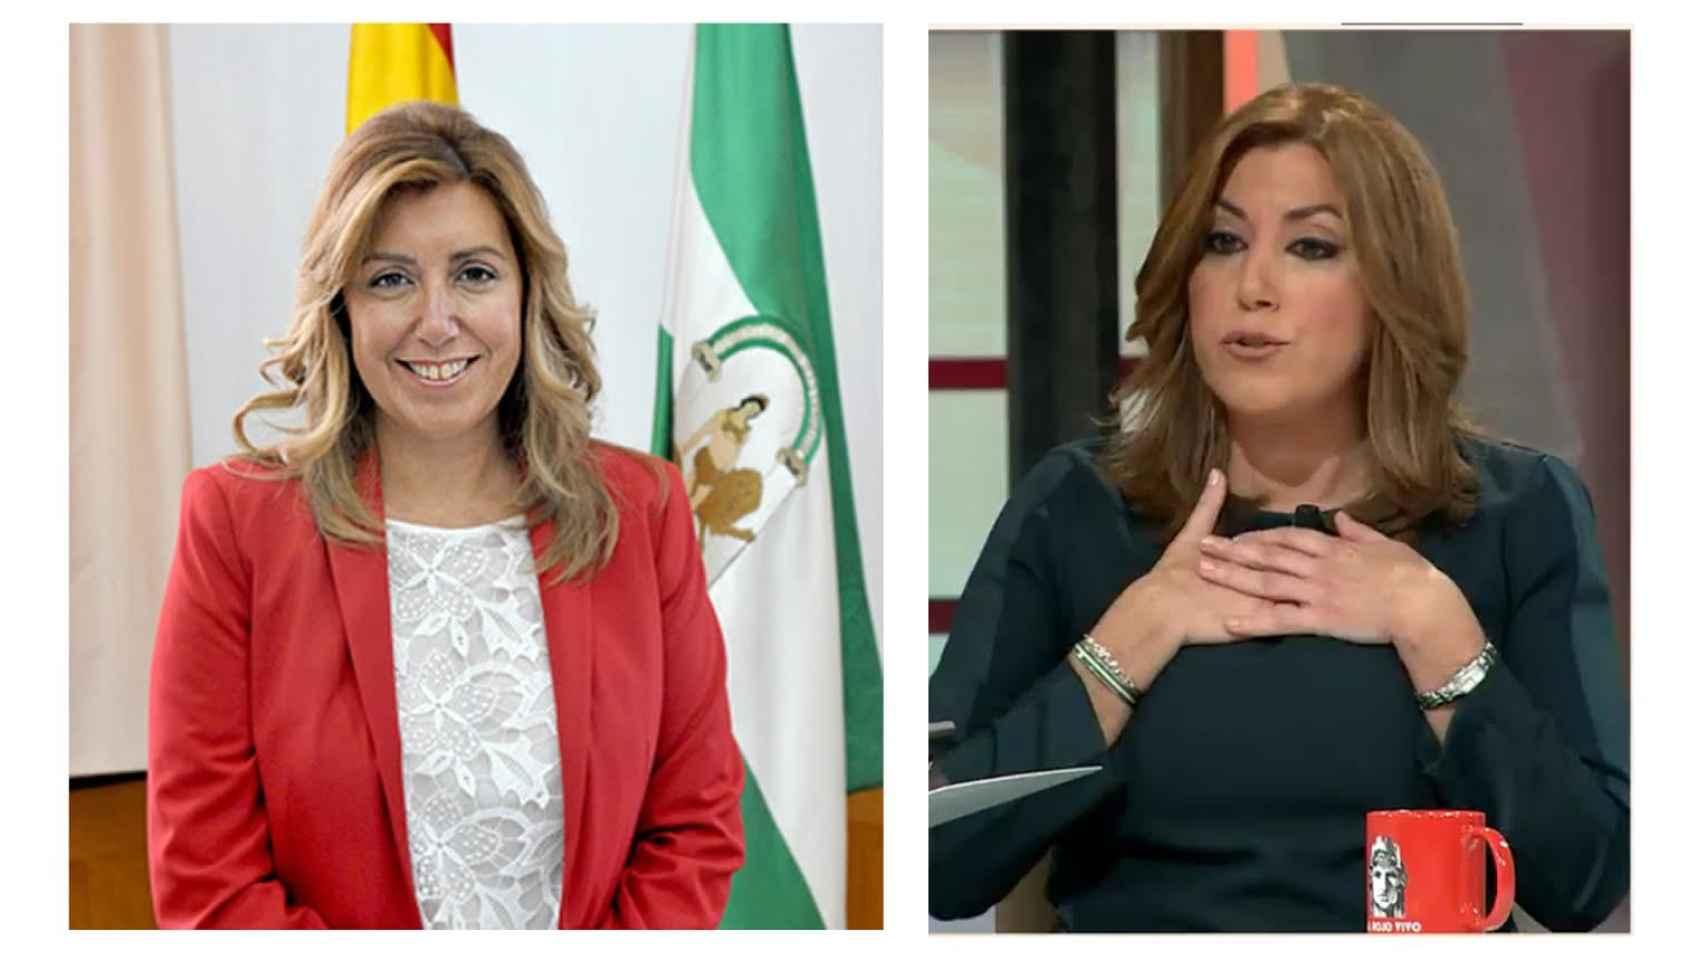 La presidenta de la Junta de Andalucía en 2013 y en 2016.